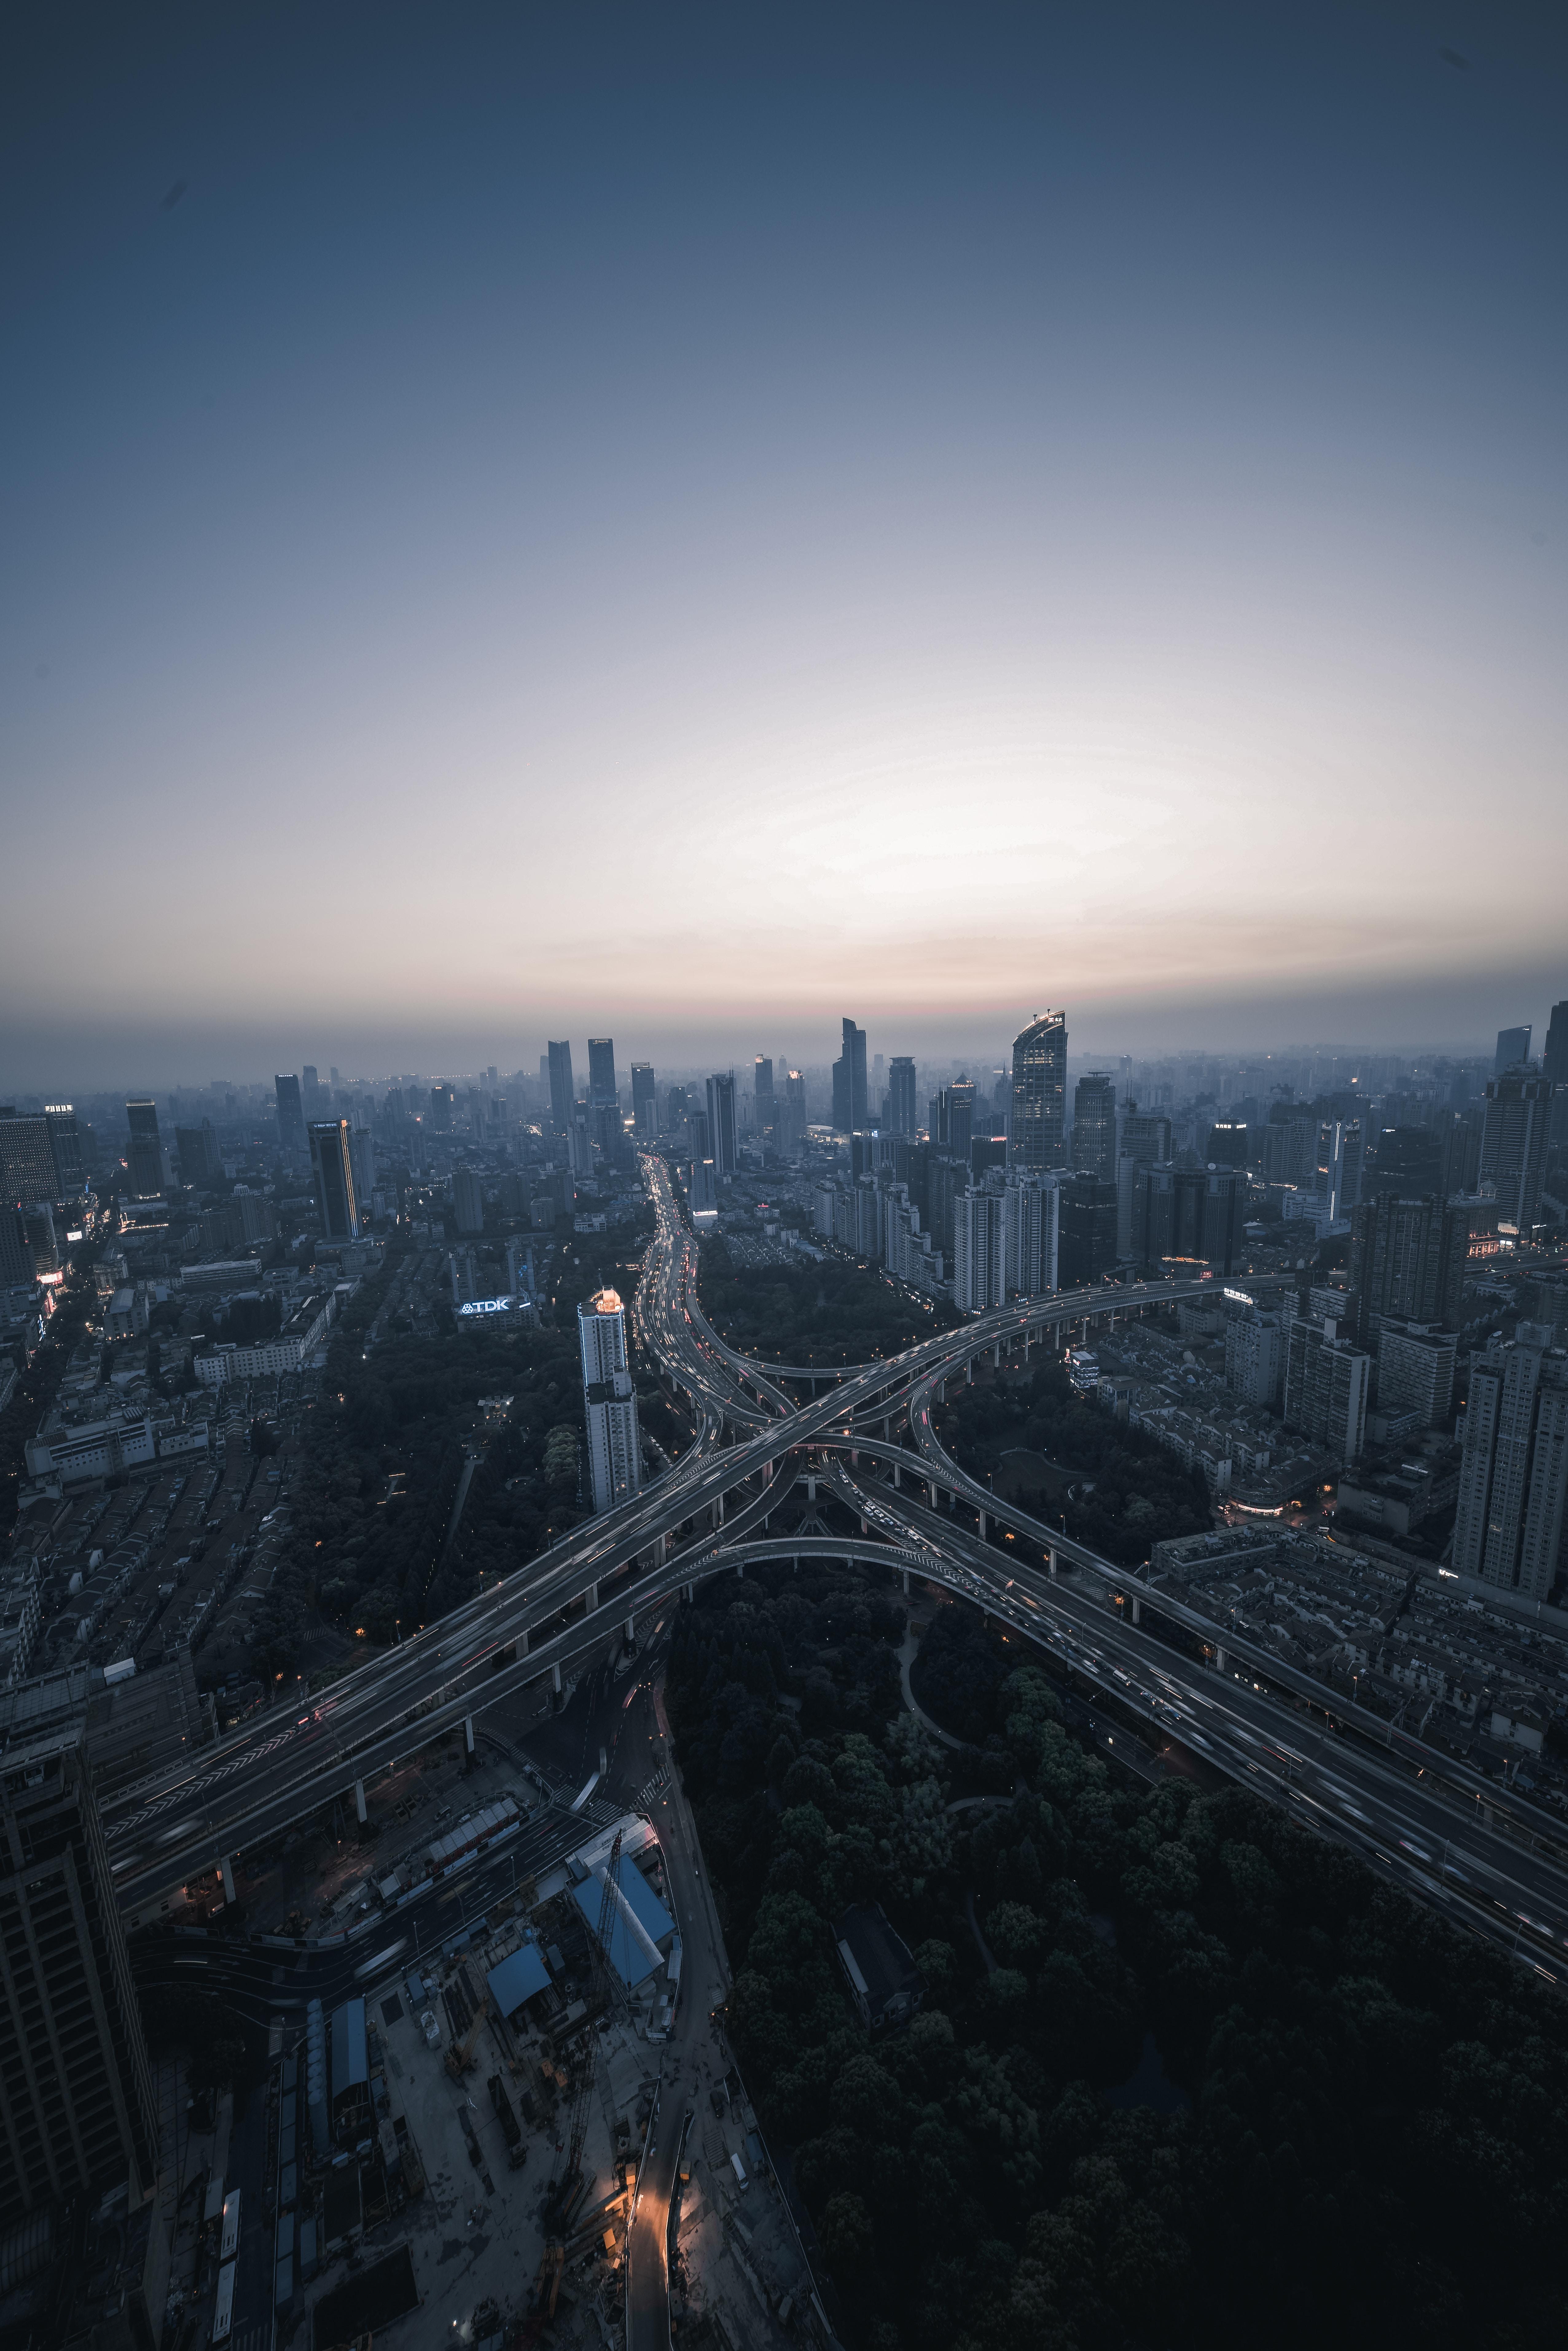 74313 Hintergrundbild herunterladen Städte, Roads, Blick Von Oben, Nächtliche Stadt, Night City, Megapolis, Megalopolis - Bildschirmschoner und Bilder kostenlos